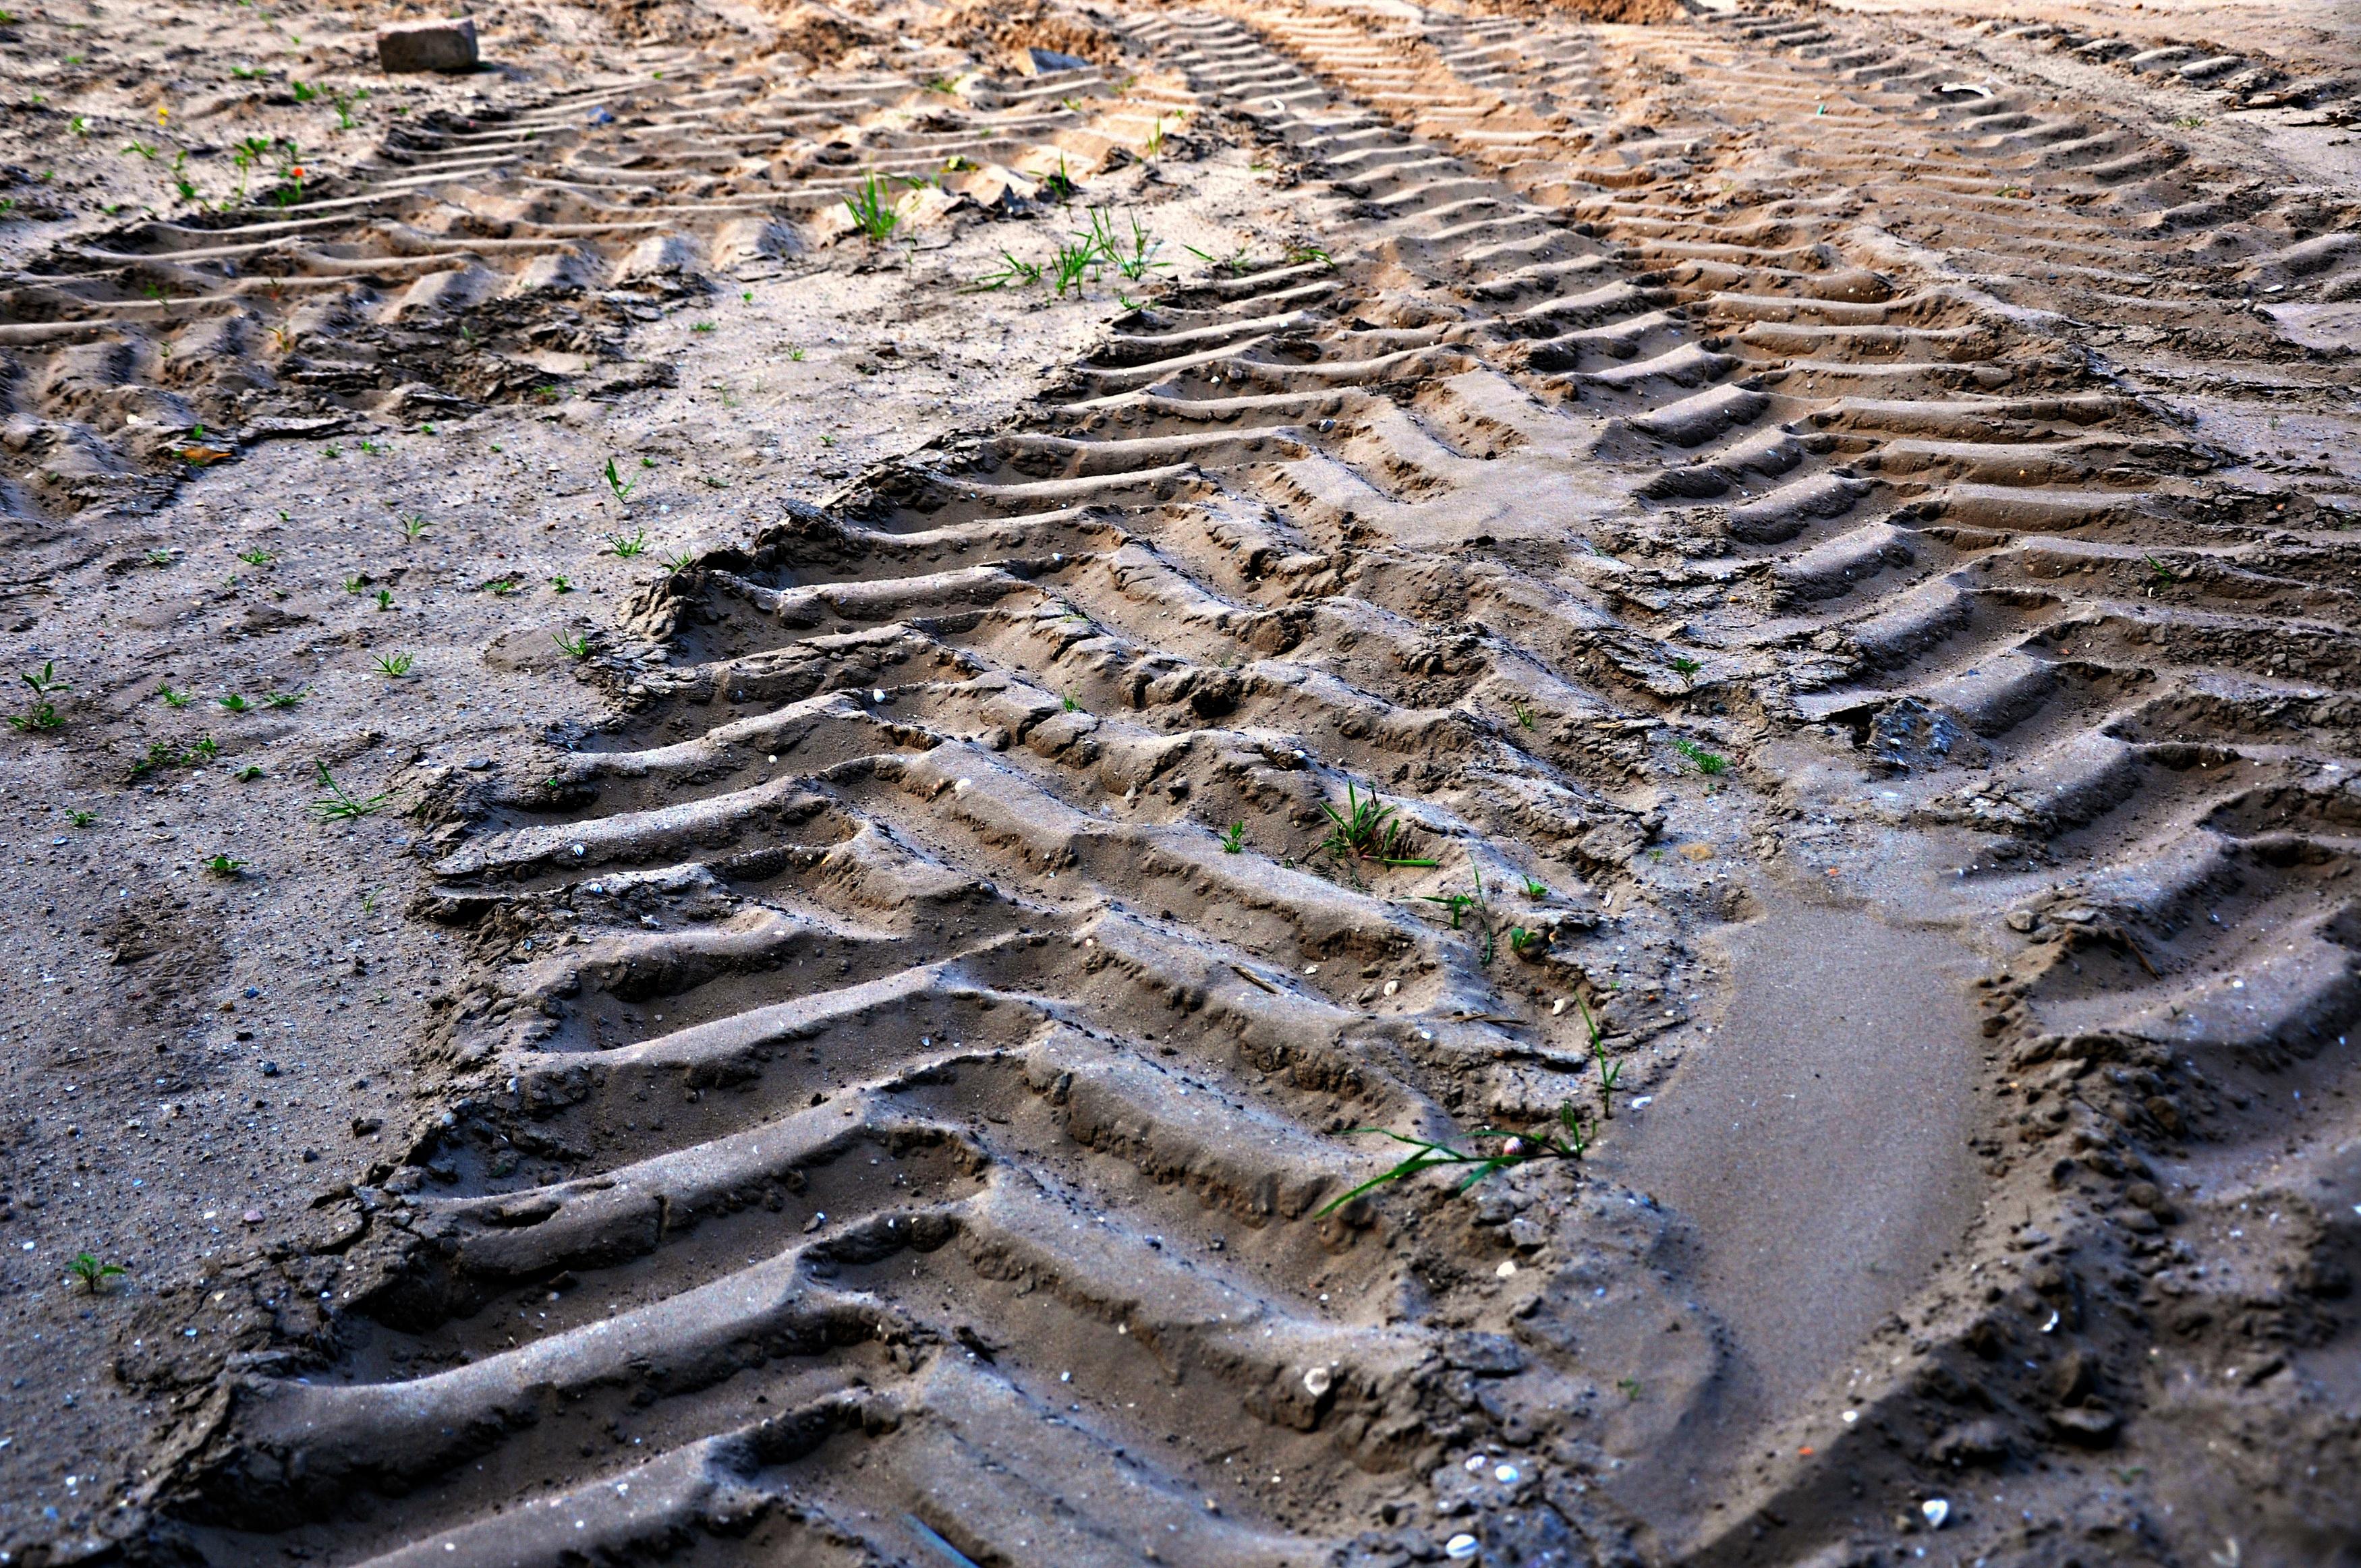 hình ảnh : Nước, đá, Hồ sơ, Xe, Đất, vật chất, Bài hát trên cát, Bài hát,  Địa chất, Dấu vết, vết bánh xe, chụp ảnh trên không, Hồ sơ lốp, ...